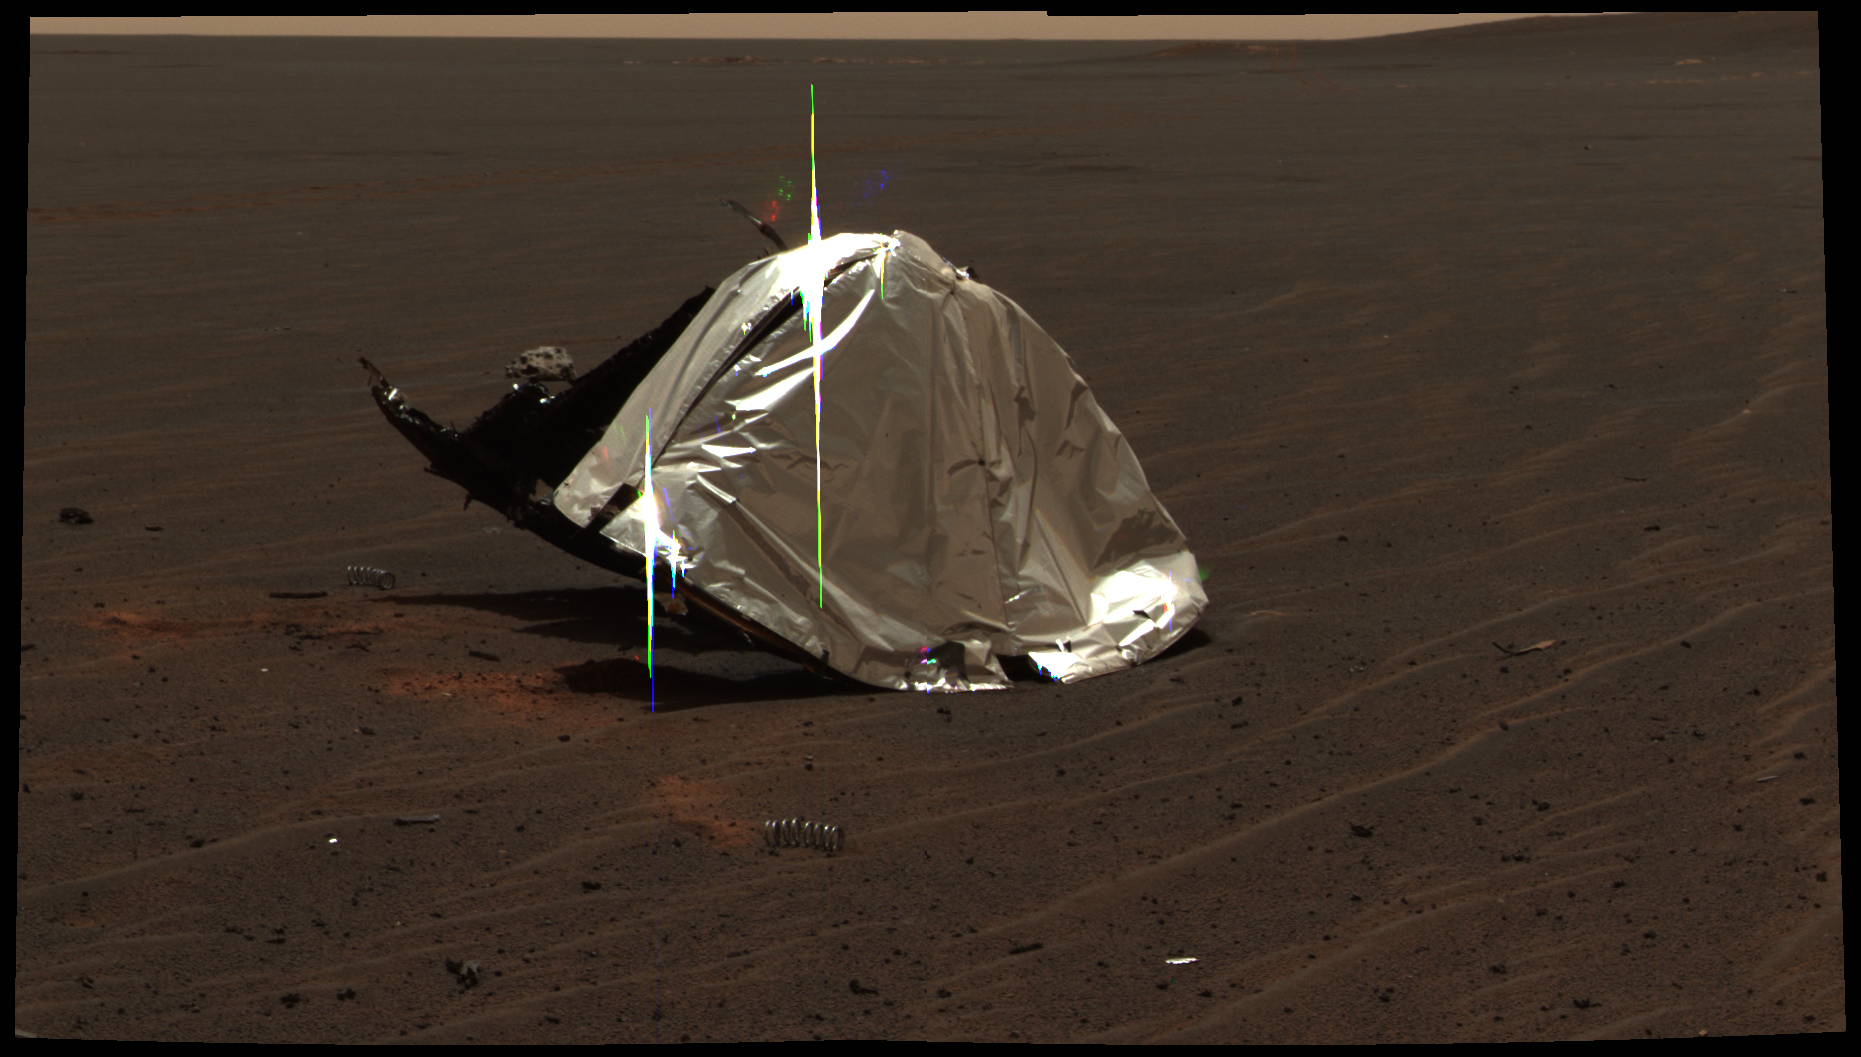 Tepelný štít roveru Opportunity. Za ním vlevo lze vidět první meteorit nalezený mimo Zemi